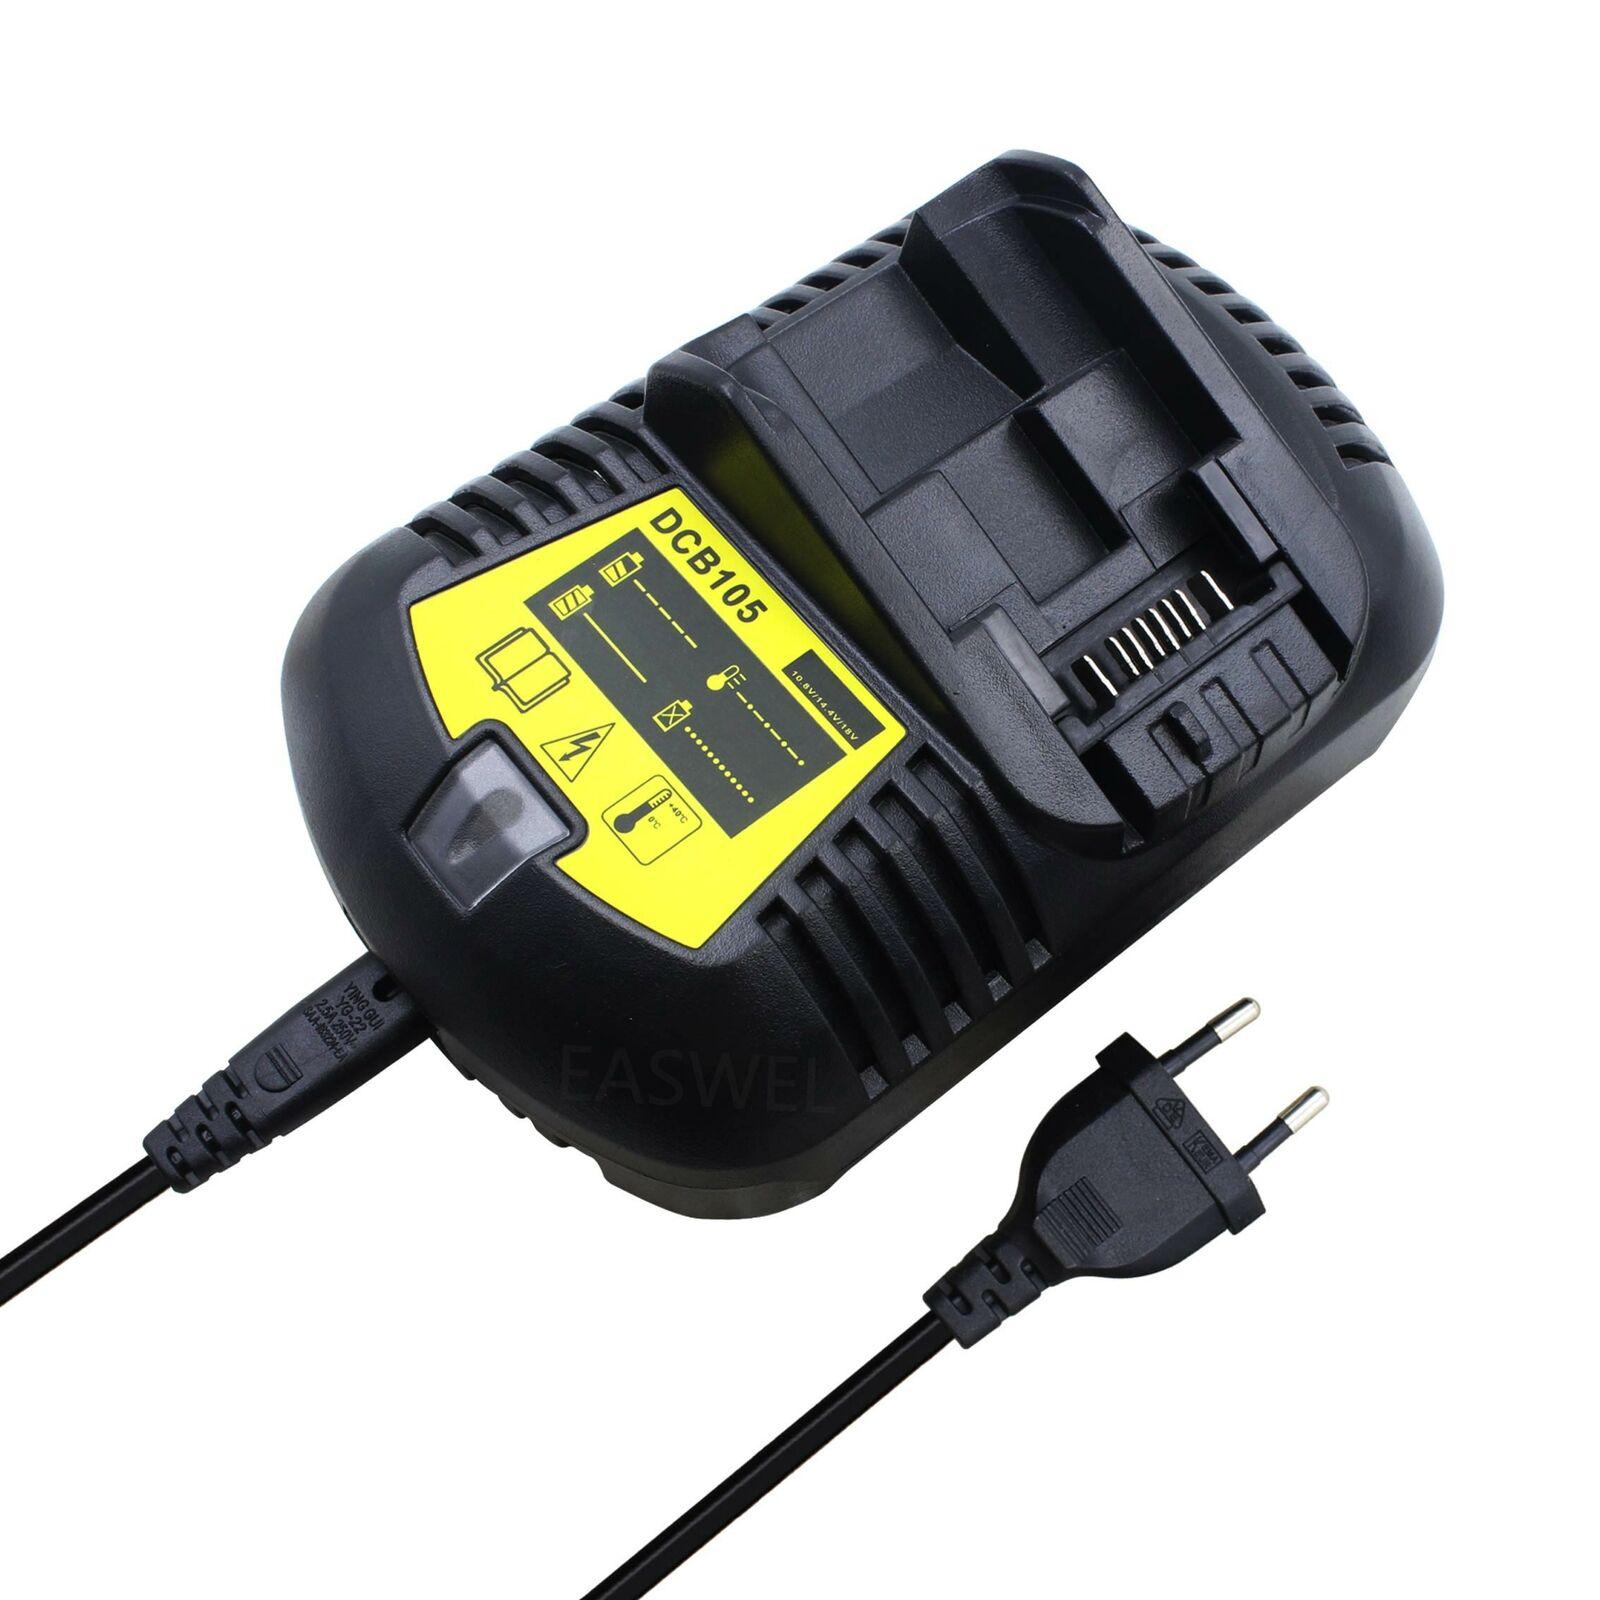 EU 12V 20V Li-Ion Battery Charger for Dewalt DCF880C1-JP DCF